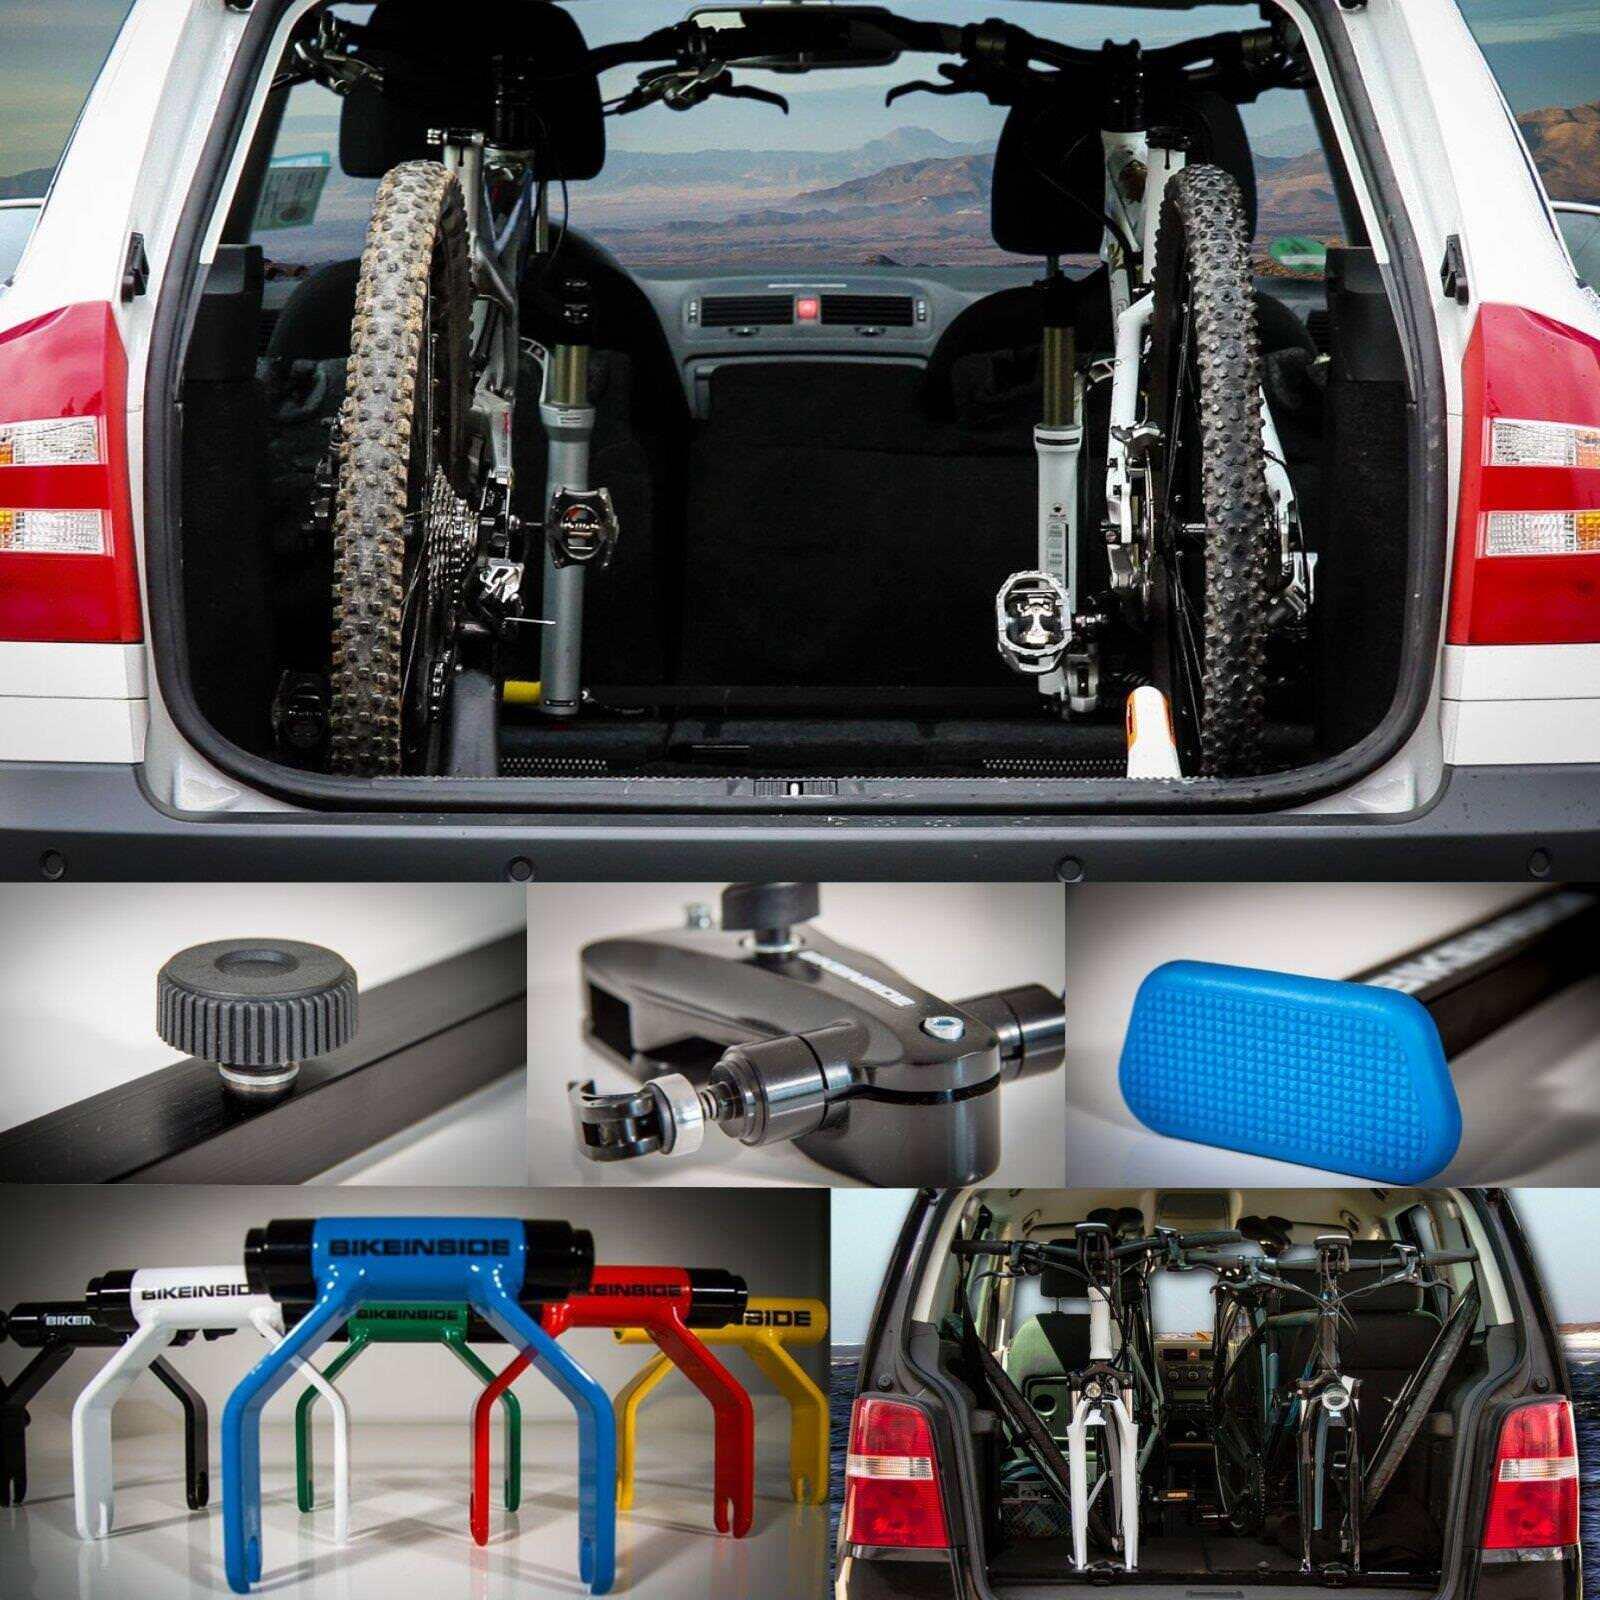 BikeInside Fahrrad Träger Halterung Transport Schnellspanner Set Kofferraum Auto